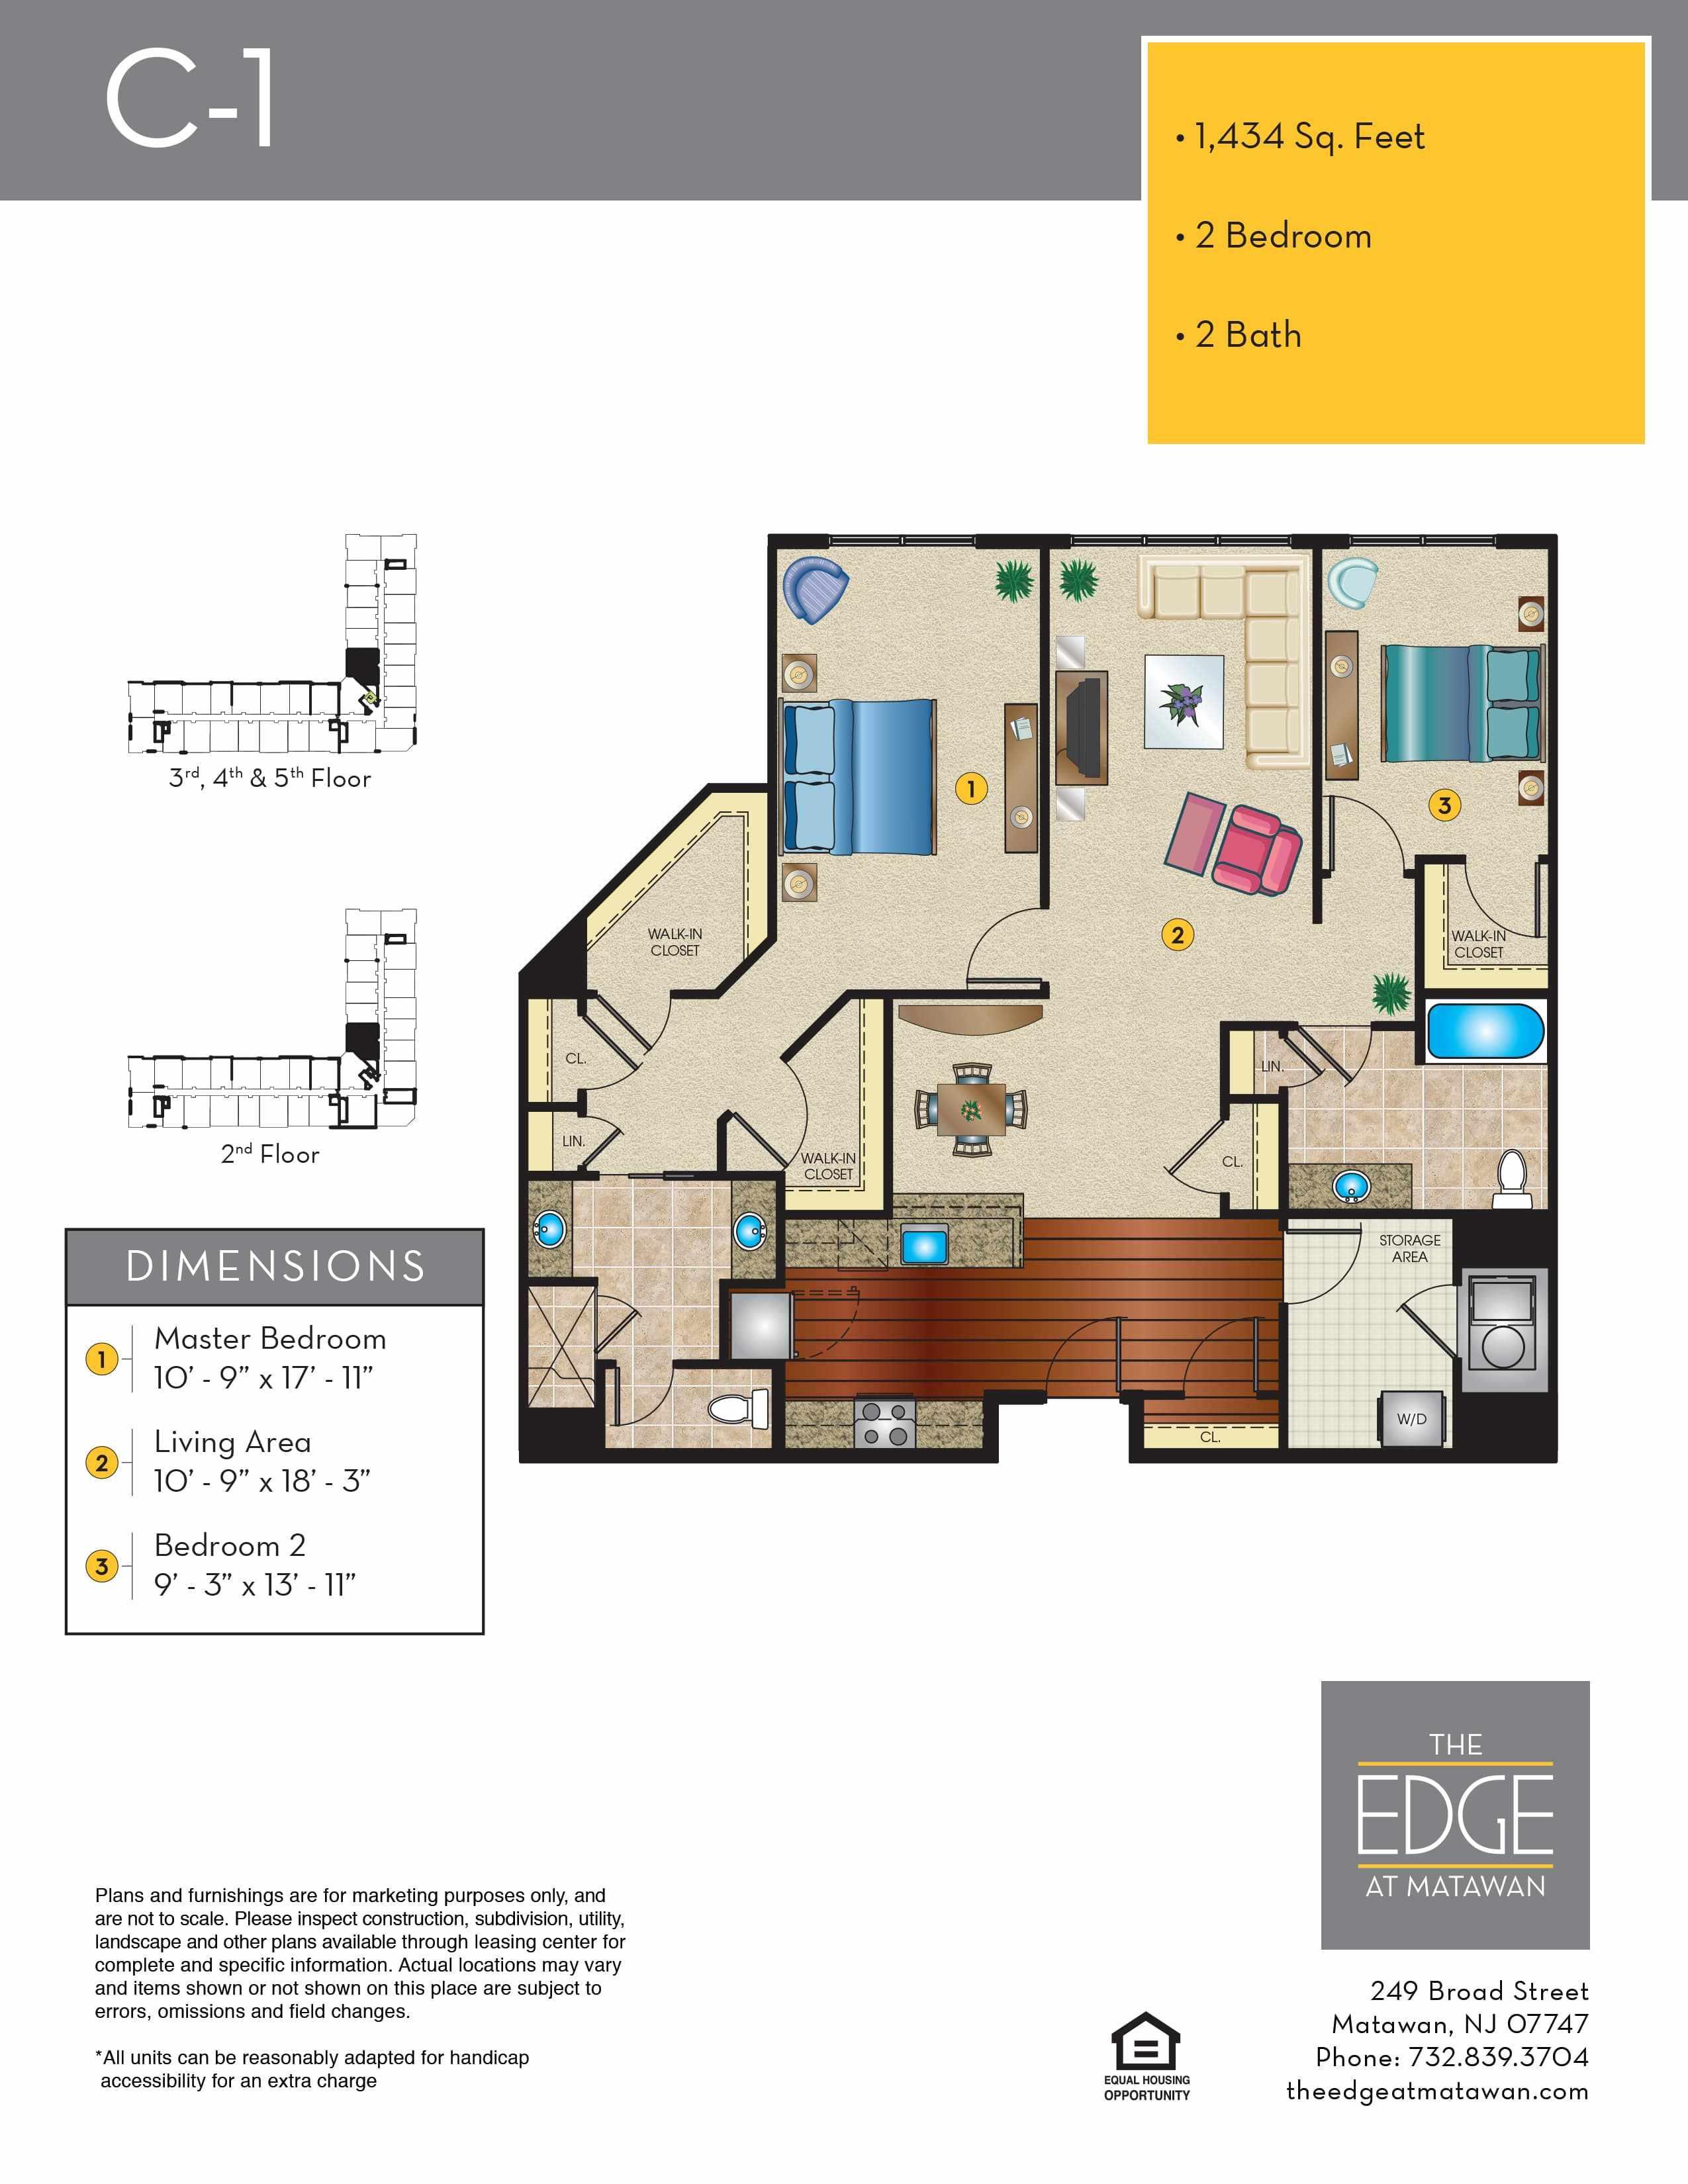 C-1 Floor Plan